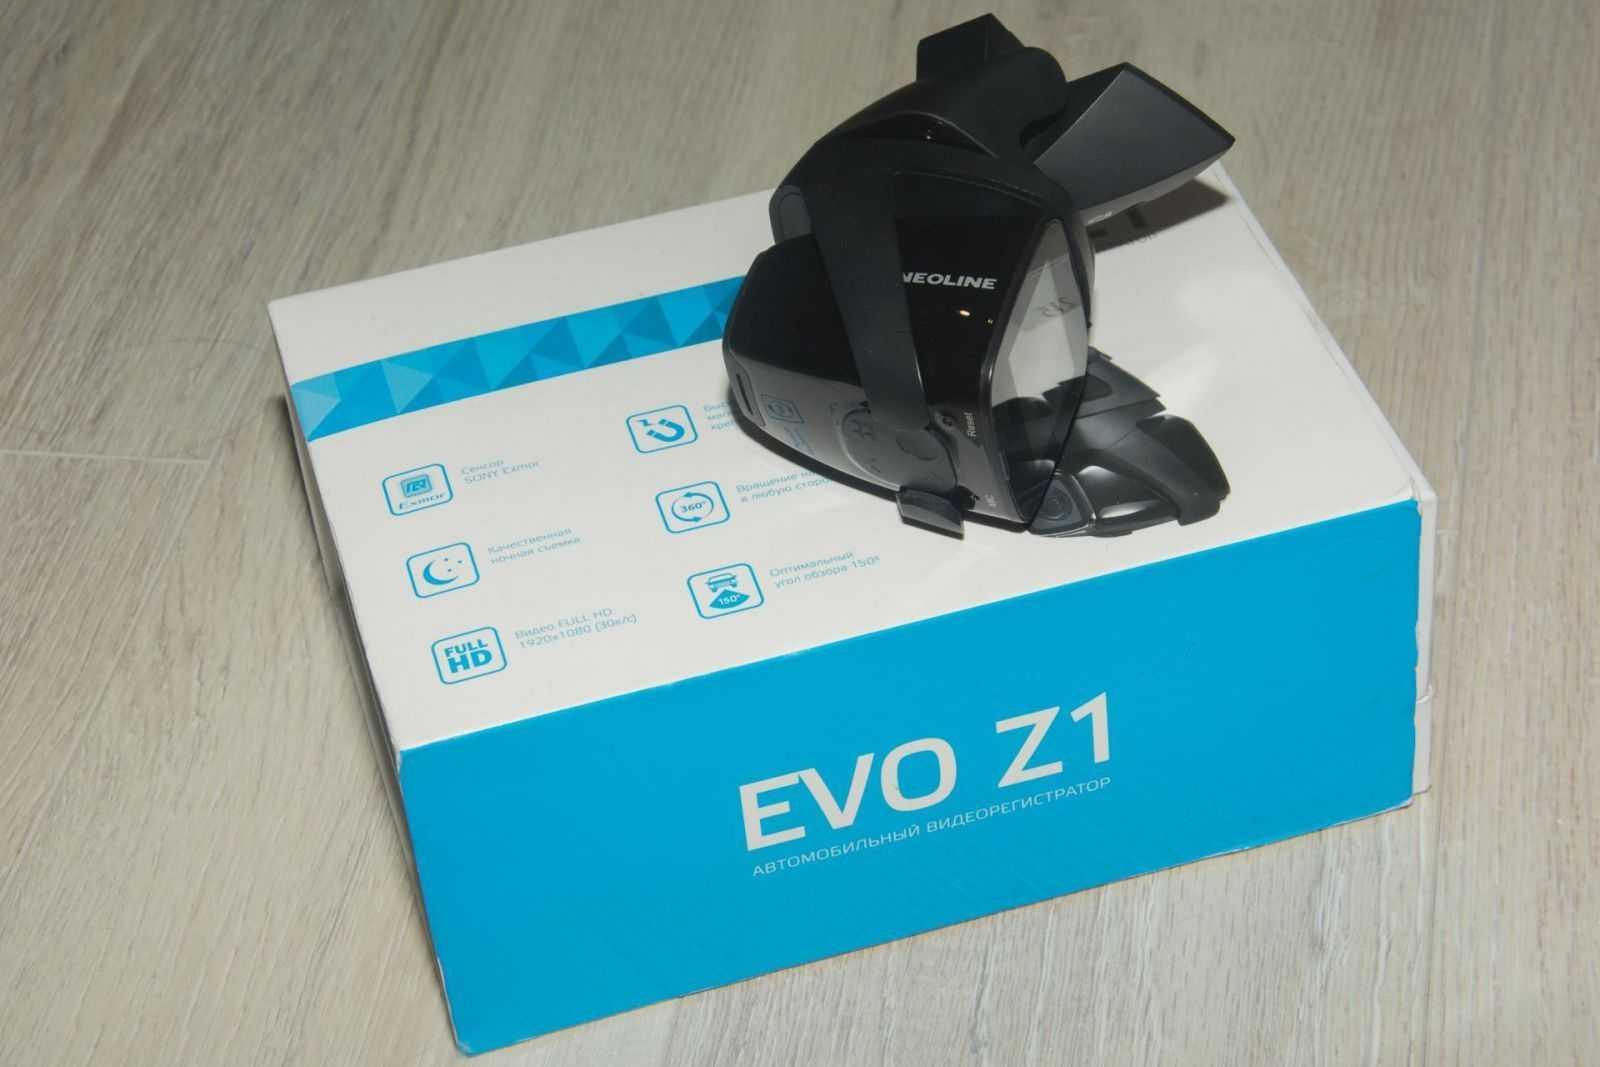 DSC 2215 Edit - Удобный компаньон. Обзор видеорегистратора Neoline EVO Z1